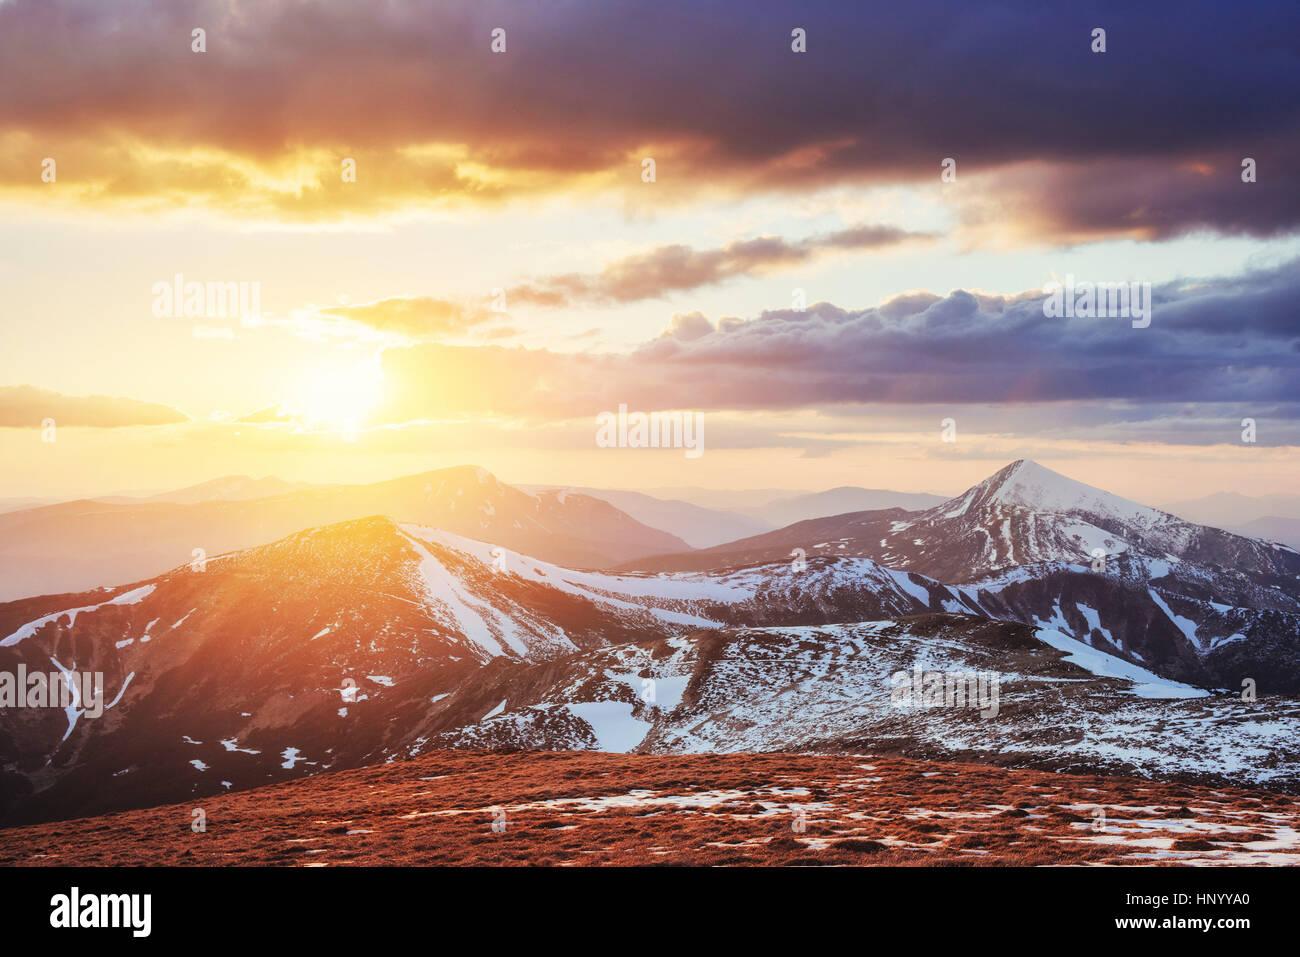 Printemps coloré coucher de soleil sur les montagnes de la région de la Photo Stock